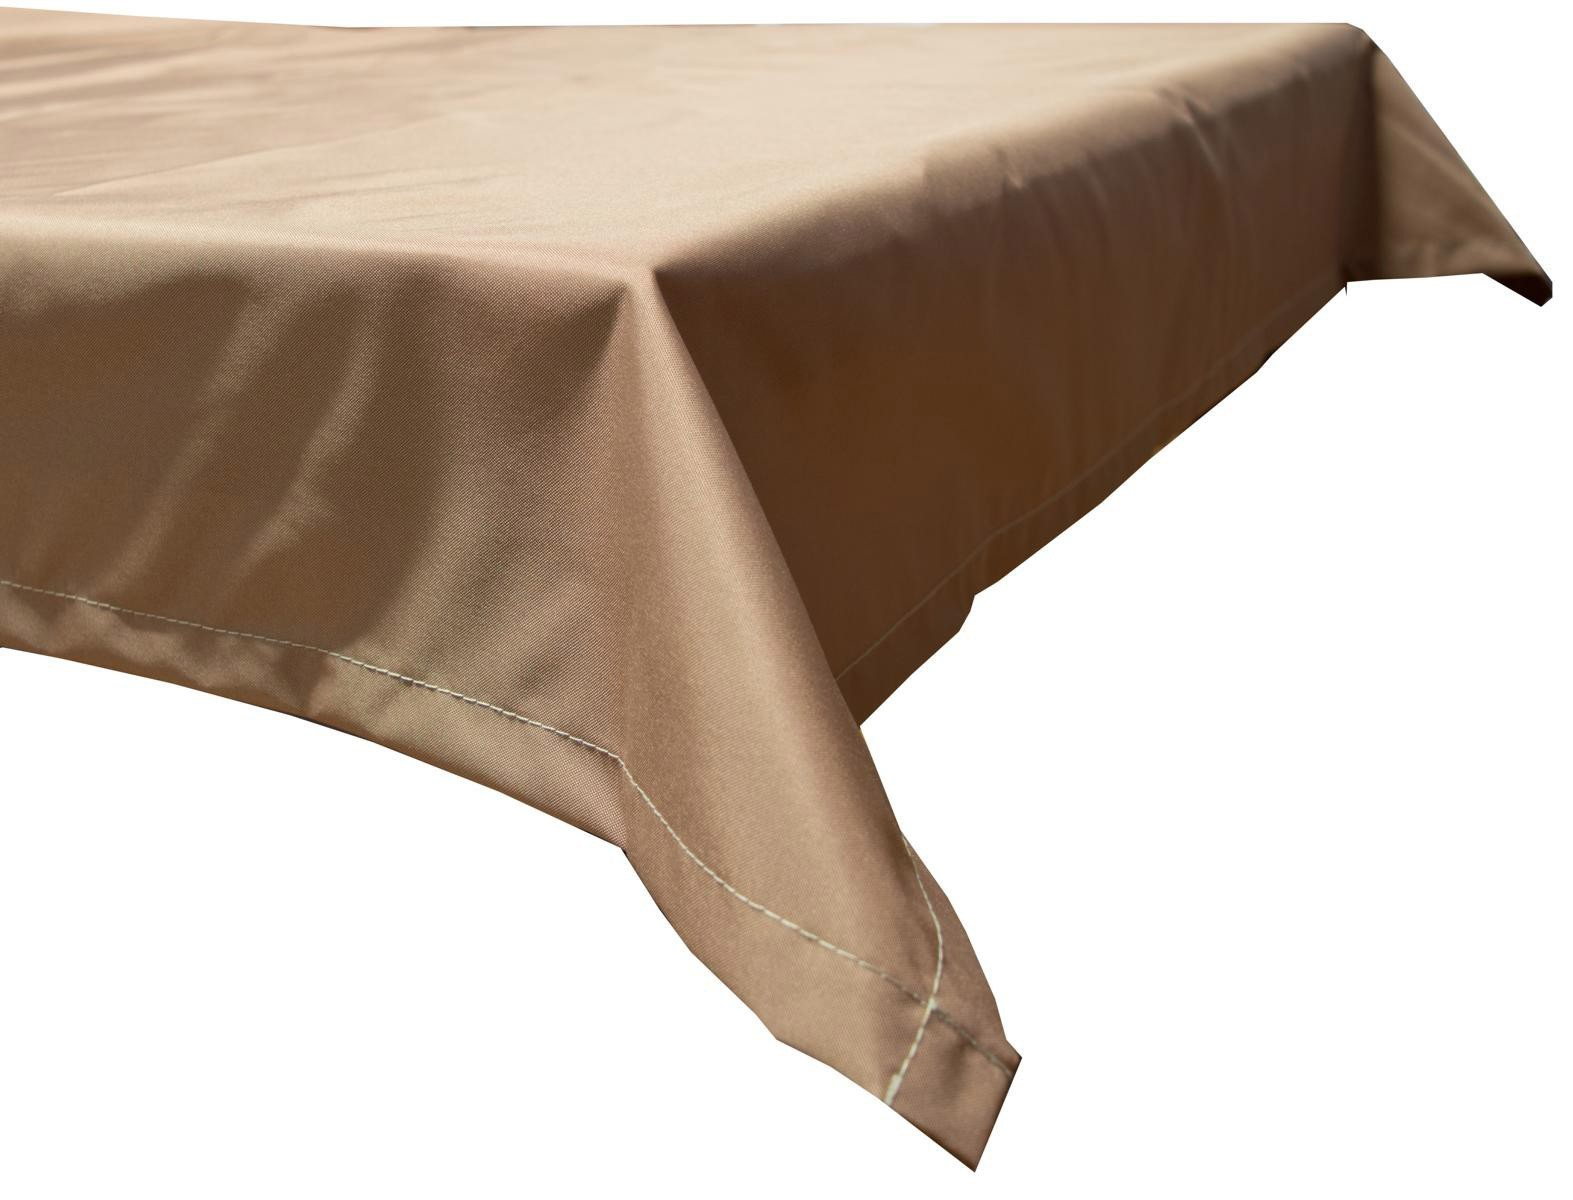 Tischdecke Beo Polyester wasserabweisend 140x110cm Des. PY303 sand Bild 1